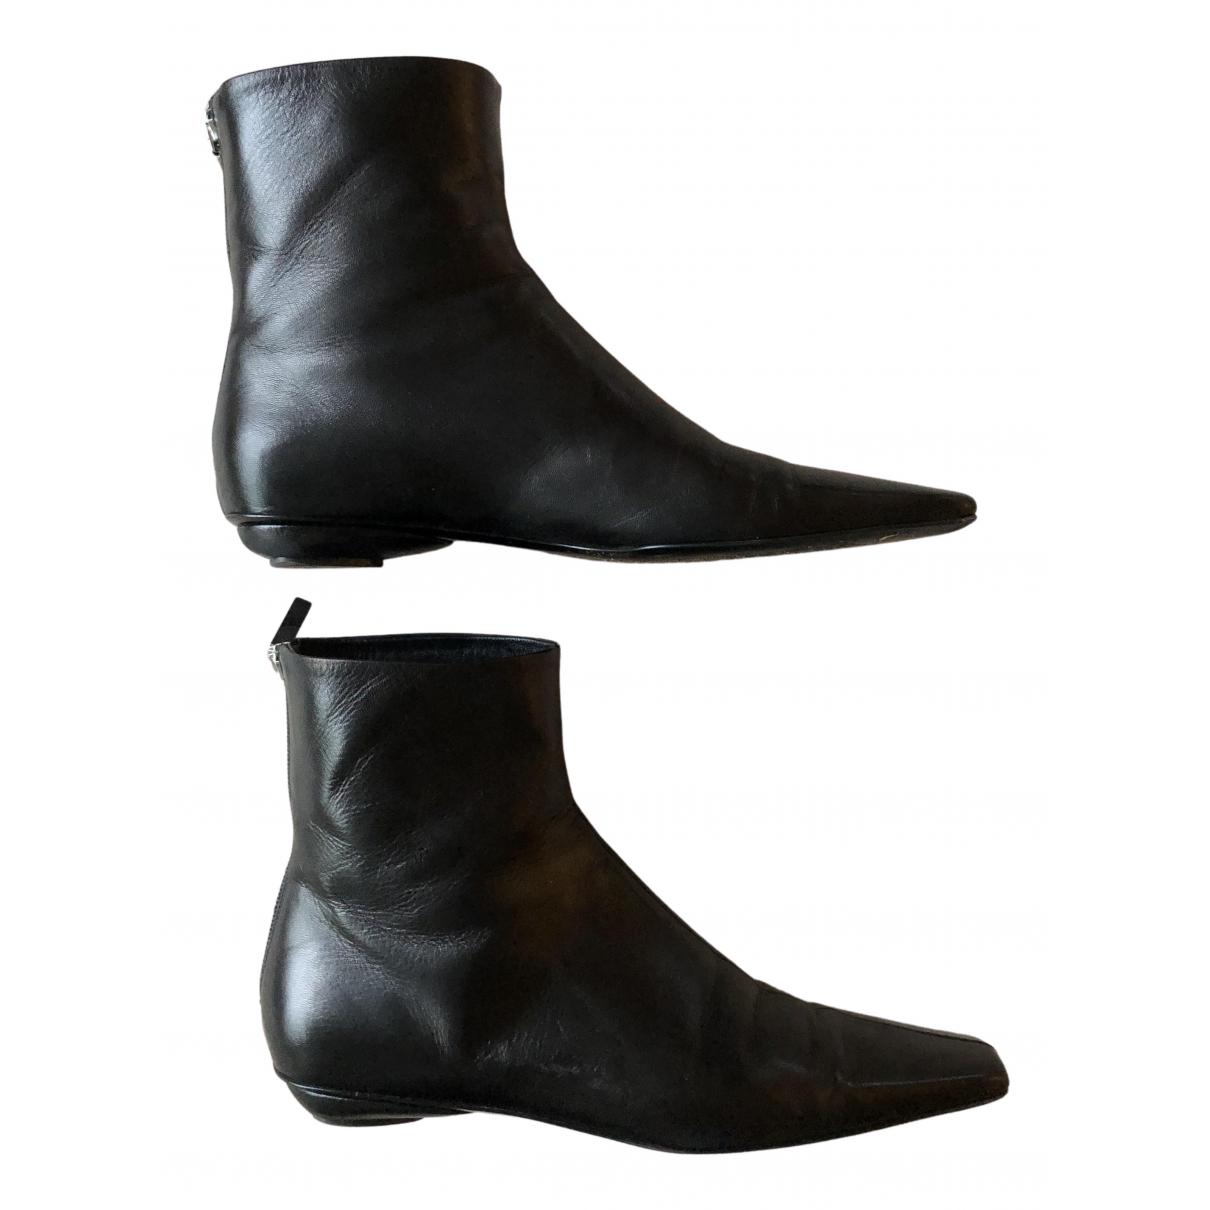 Toteme - Boots Flat Boot pour femme en cuir - noir